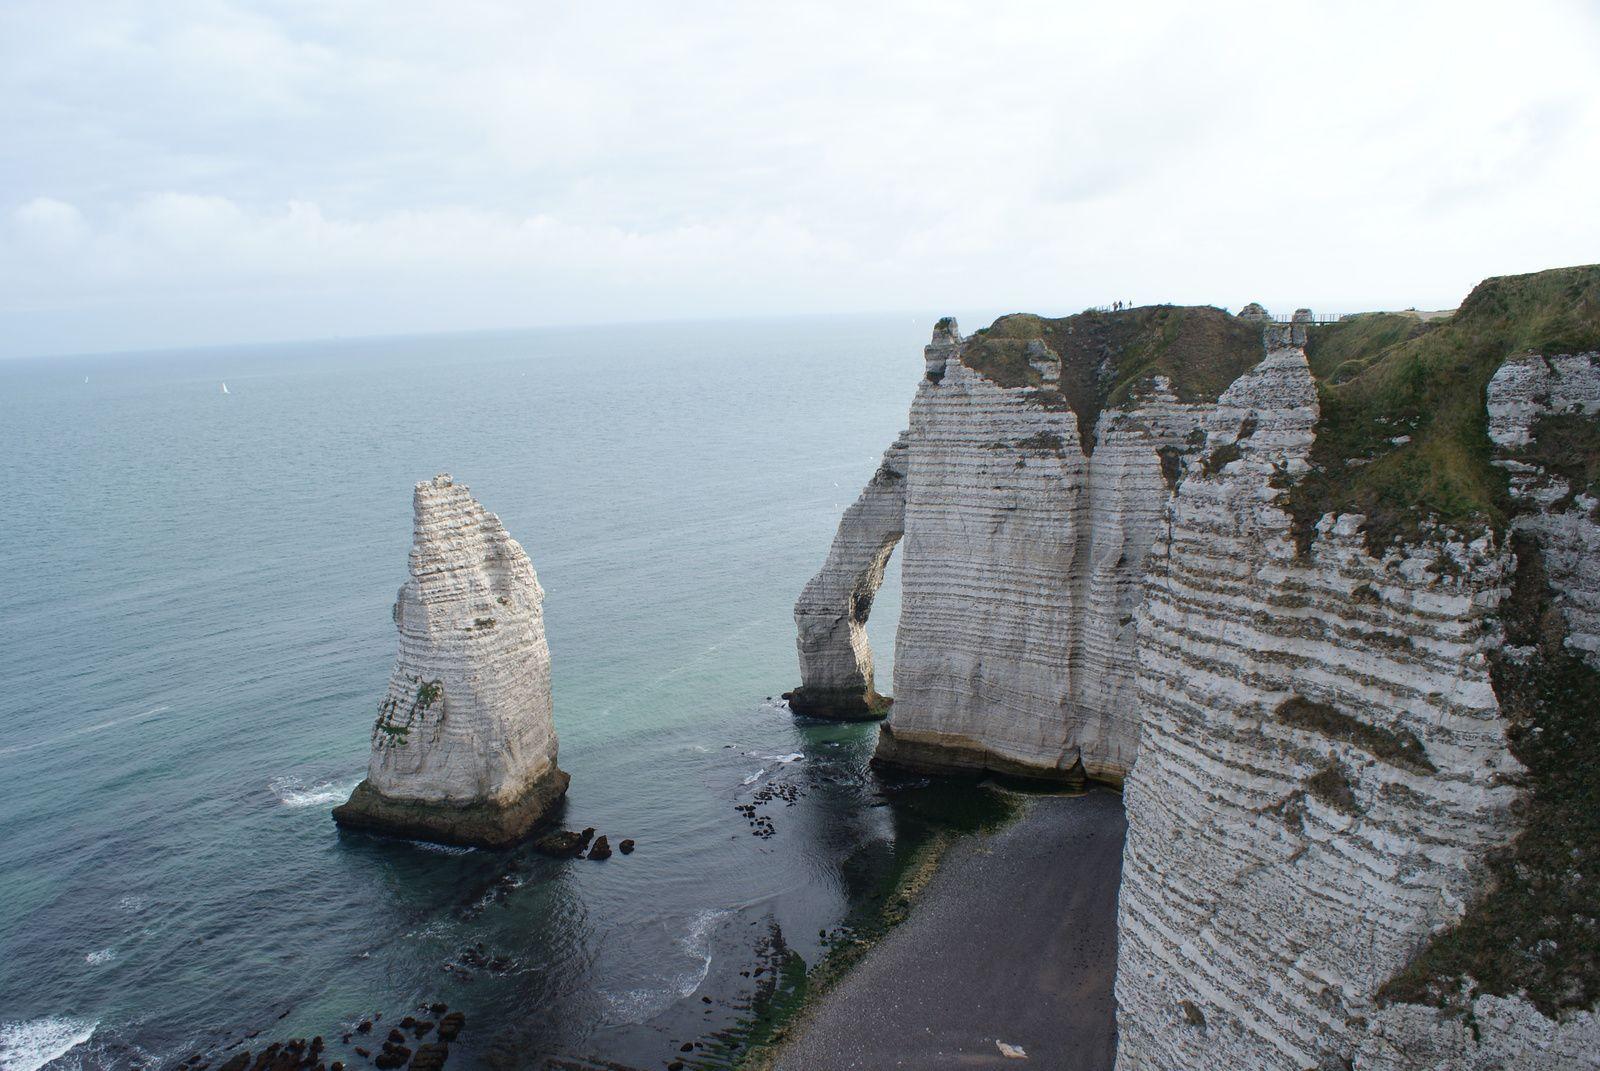 L'Aiguille et la Porte d'Aval.